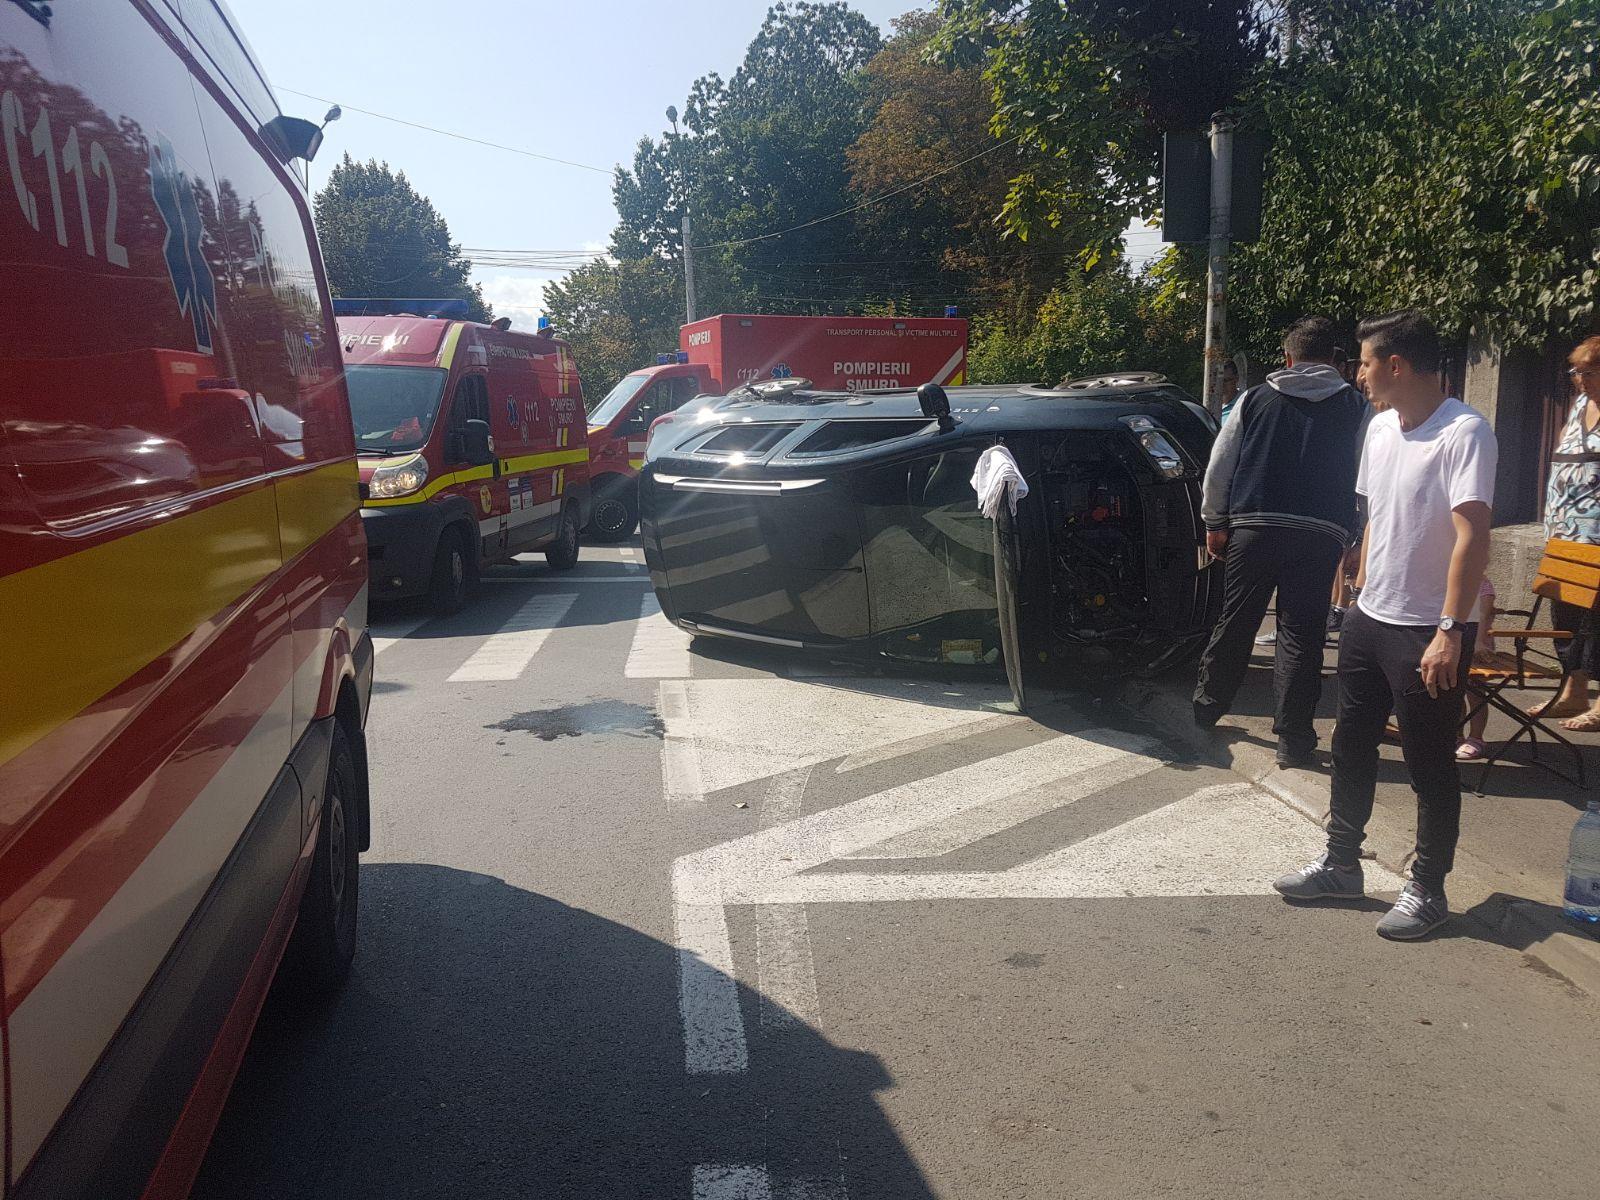 FOTO | Accident la Sibiu: Cinci persoane au fost rănite, între care doi copii, după ce două maşini s-au ciocnit într-o intersecţie